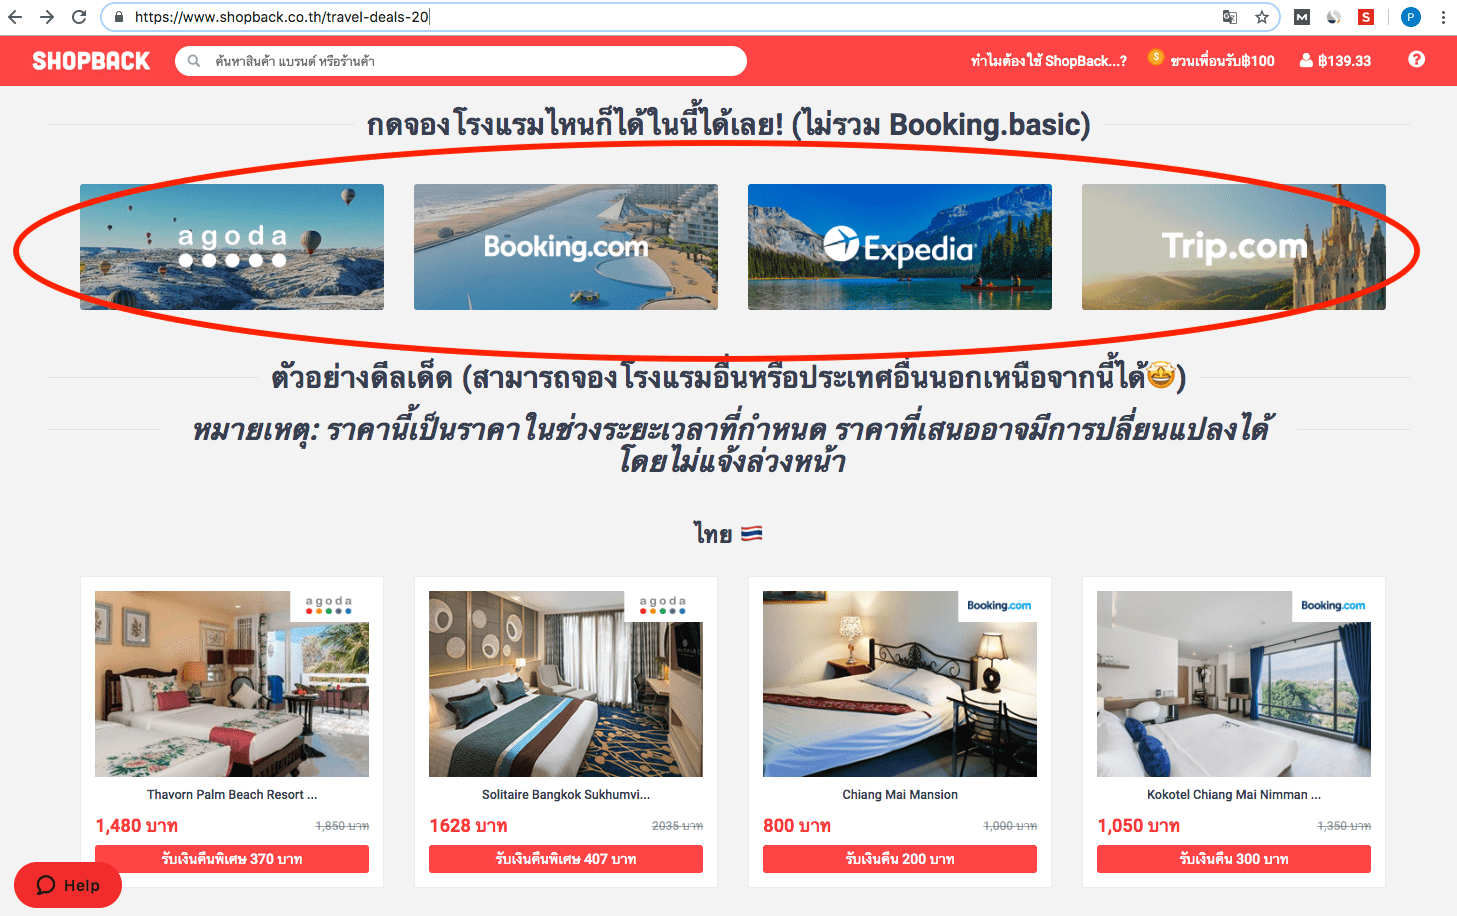 จองโรงแรม เว็บจองโรงแรม จองโรงแรมเว็บไหนดี แอพจองที่พัก